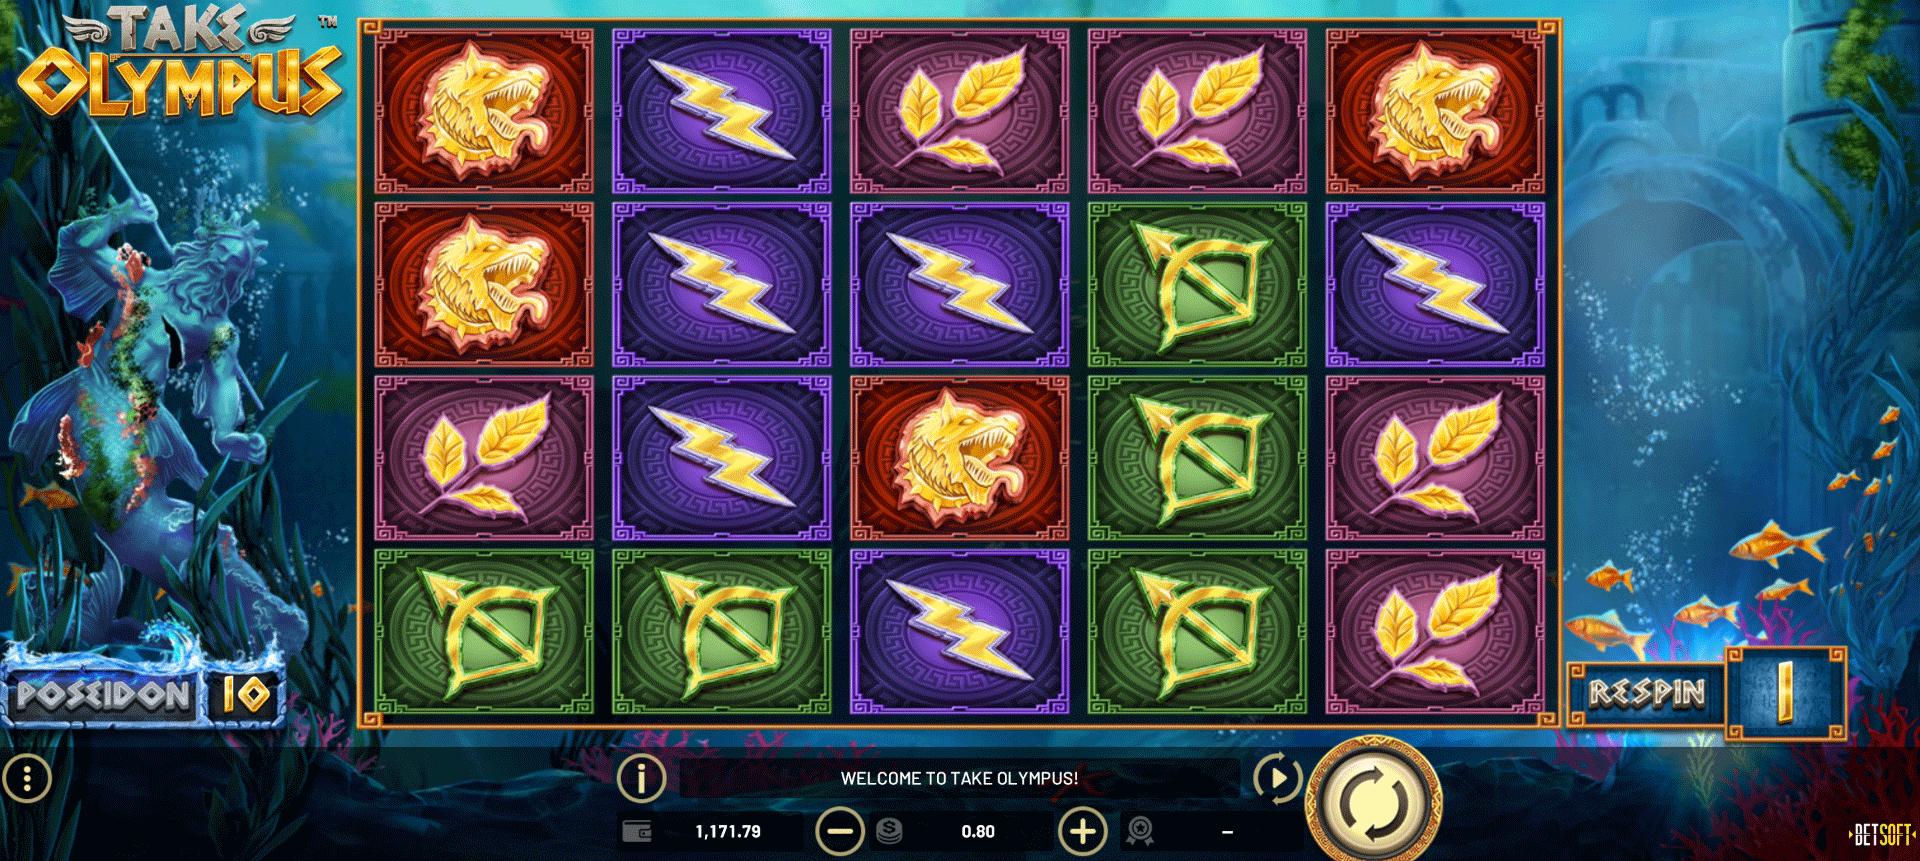 Slot Take Olympus